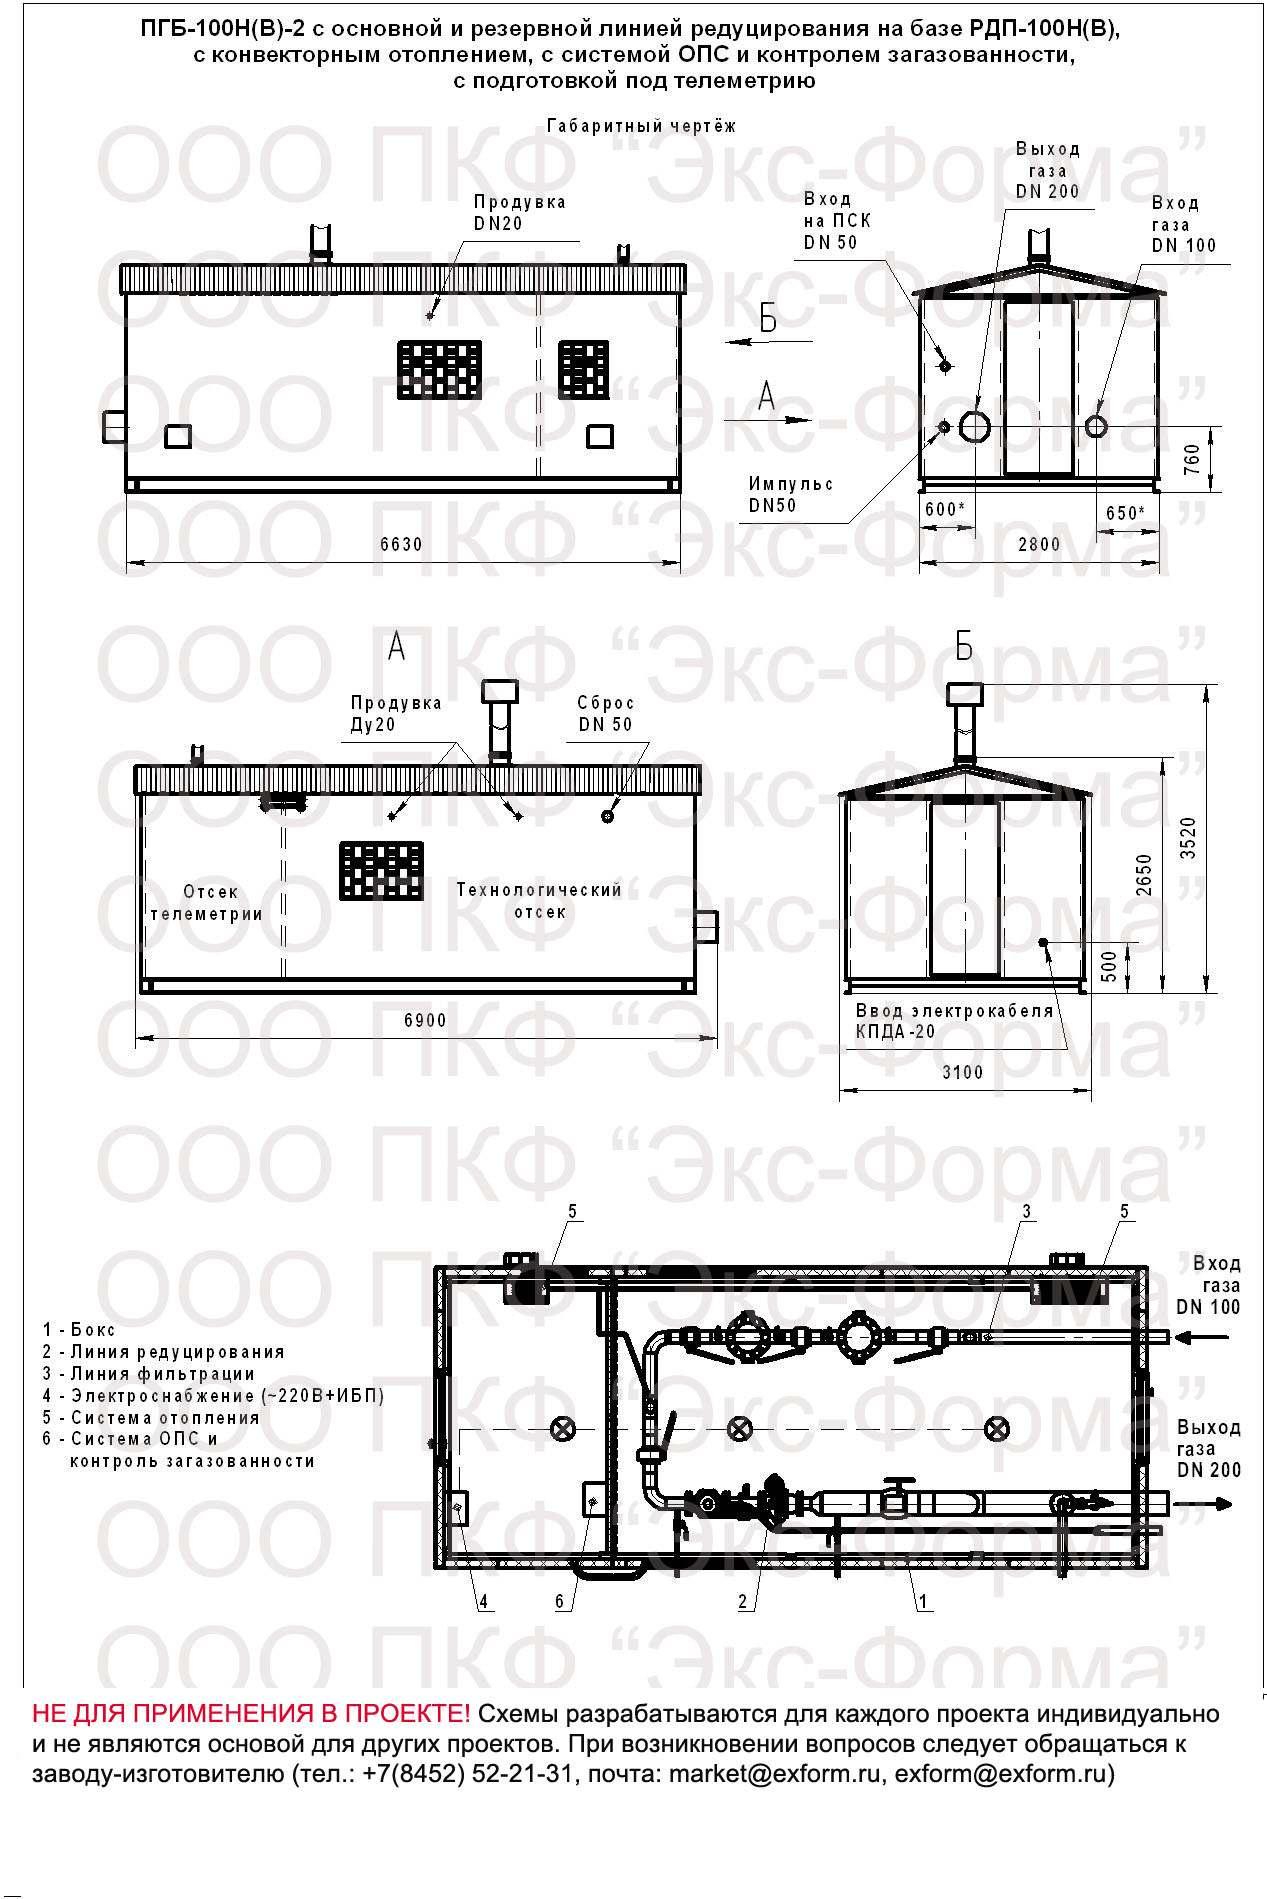 схема габаритная ПГБ-100Н-2, ПГБ-100В-2 с АОГВ